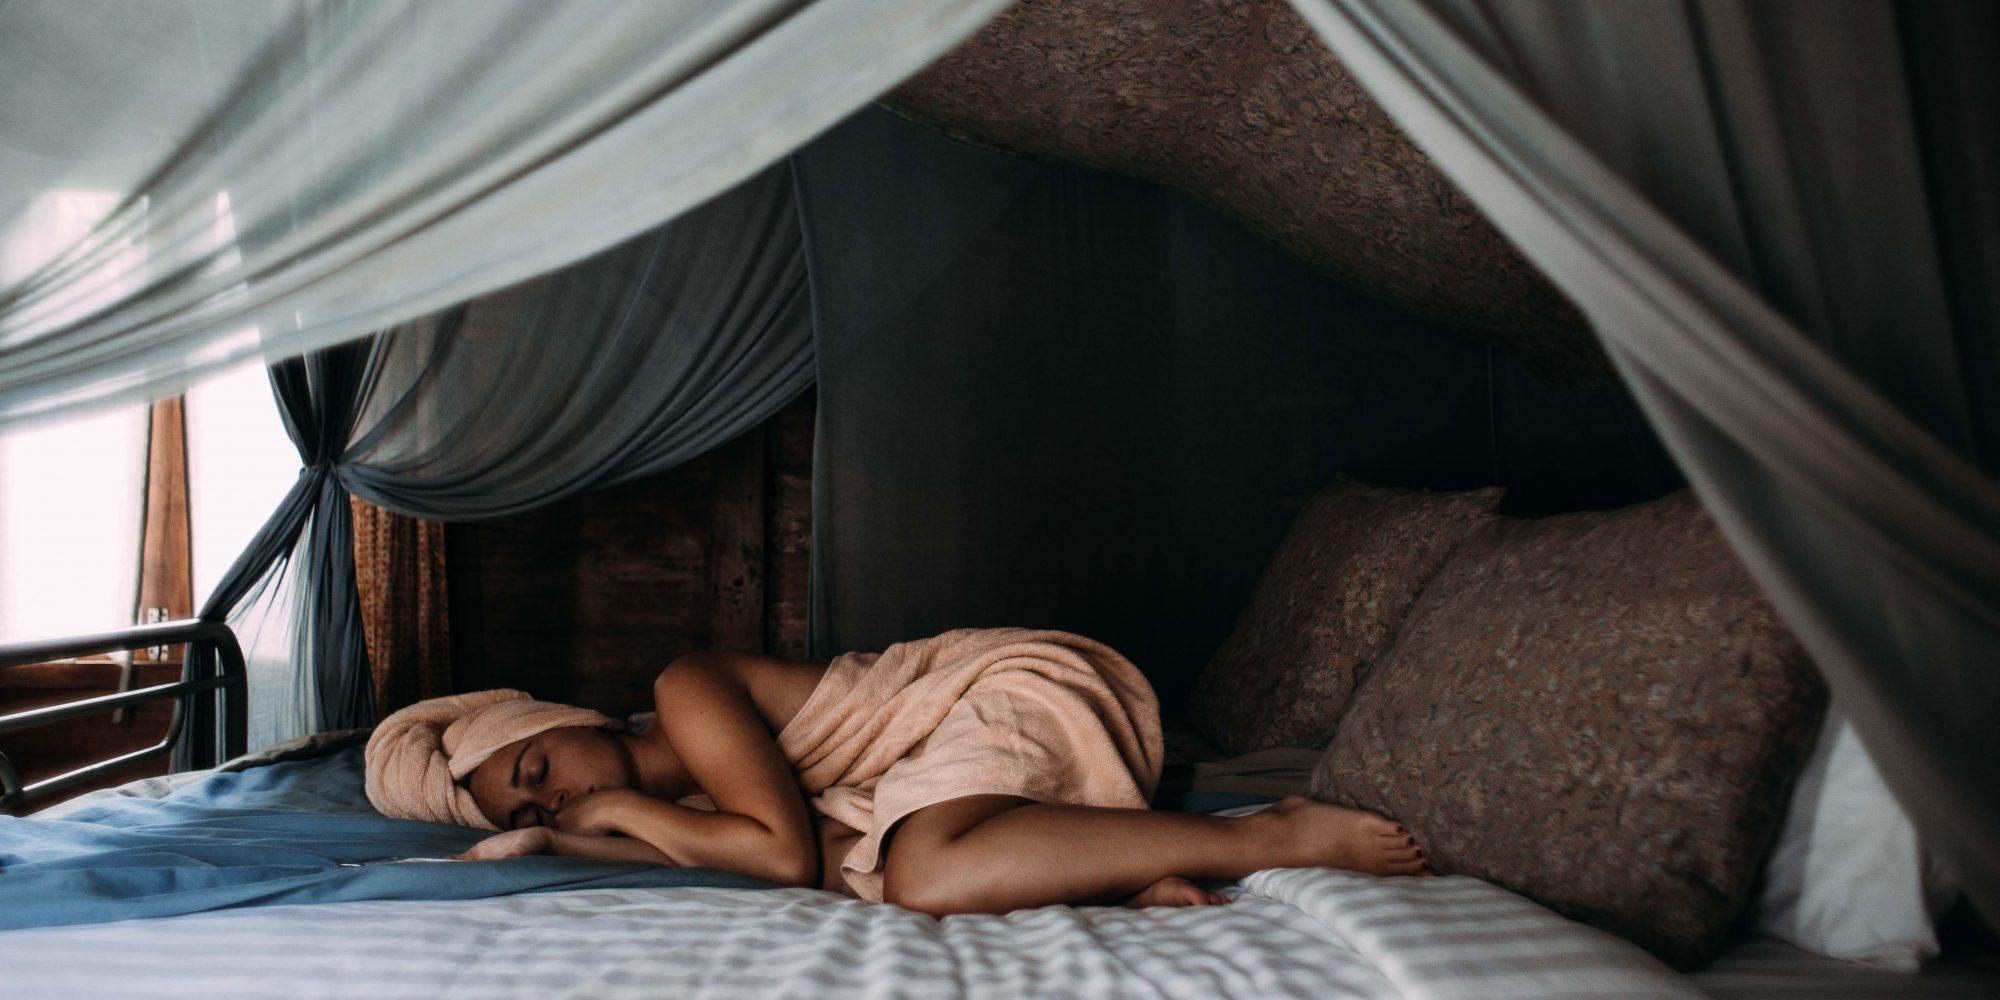 Δυσκολεύεσαι να κοιμηθείς; Τι να τρως και τι να μην(!) τρως πριν τον ύπνο Οι μικρές αλλαγές στη ρουτίνα του δείπνου σου μπορούν, σύμφωνα με τους ειδικούς, να κάνουν τεράστια διαφορά